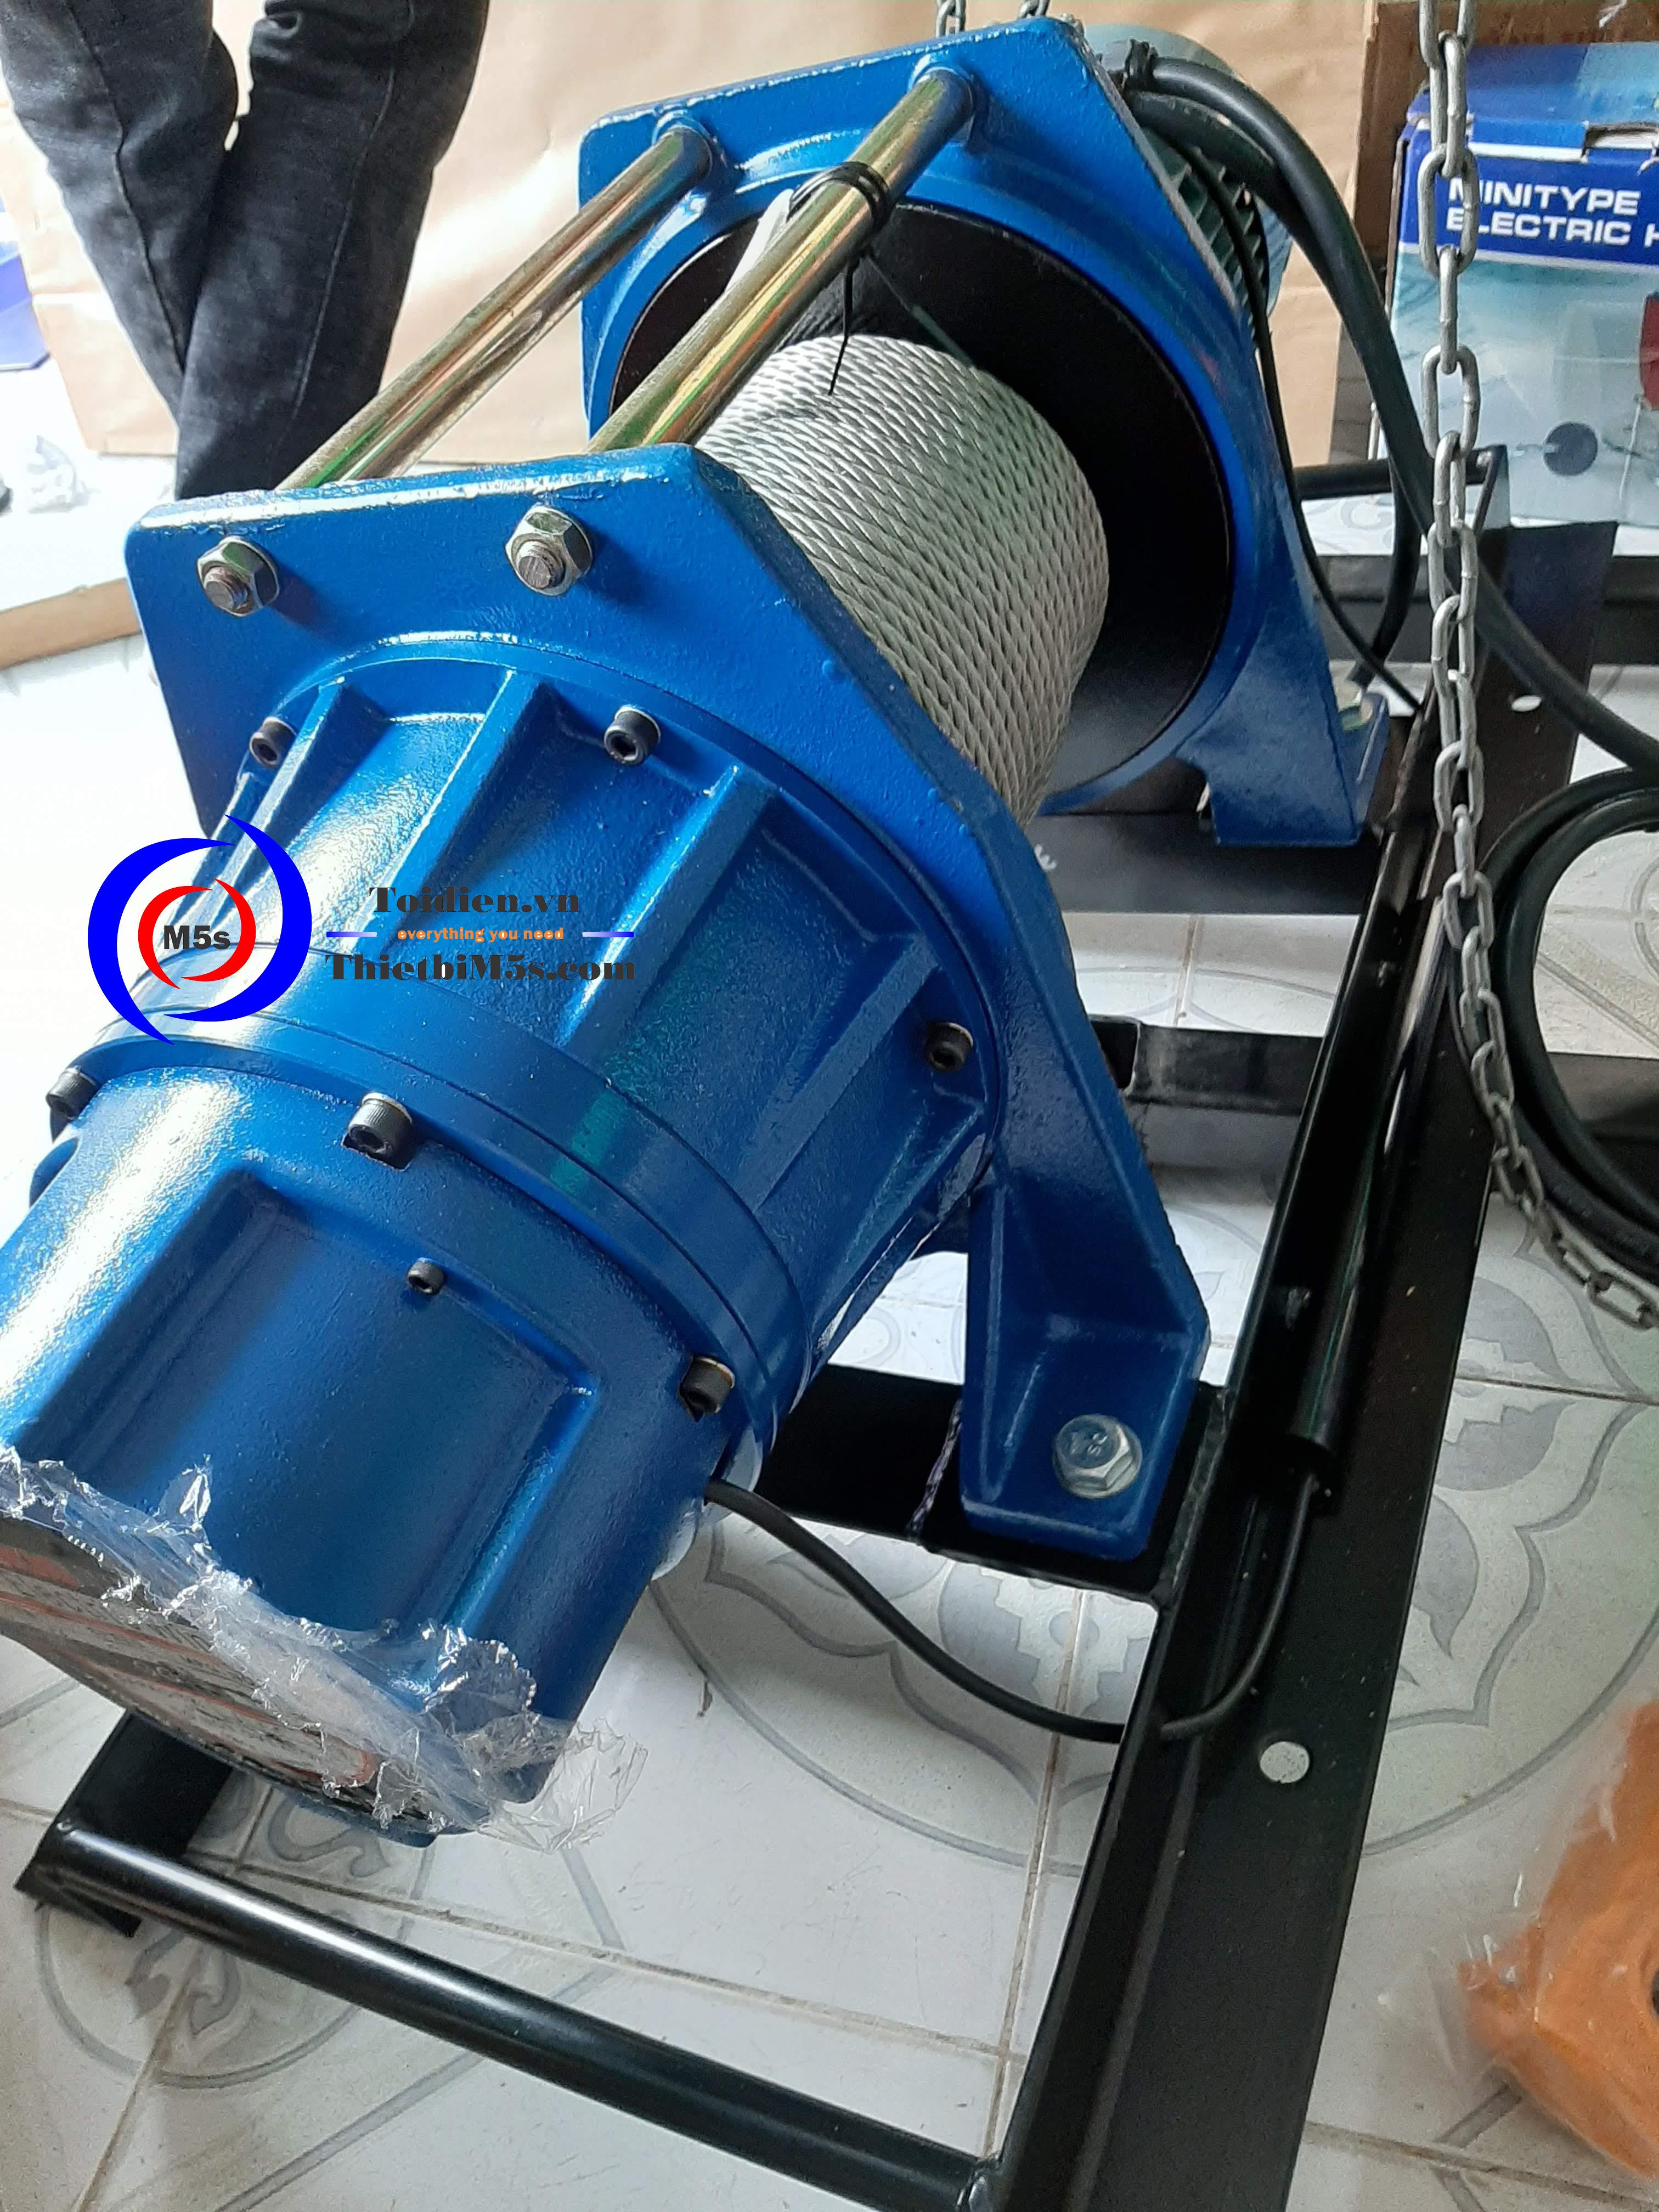 Máy tời điện KIO Winch - thay thế máy tời đã qua sử dụng